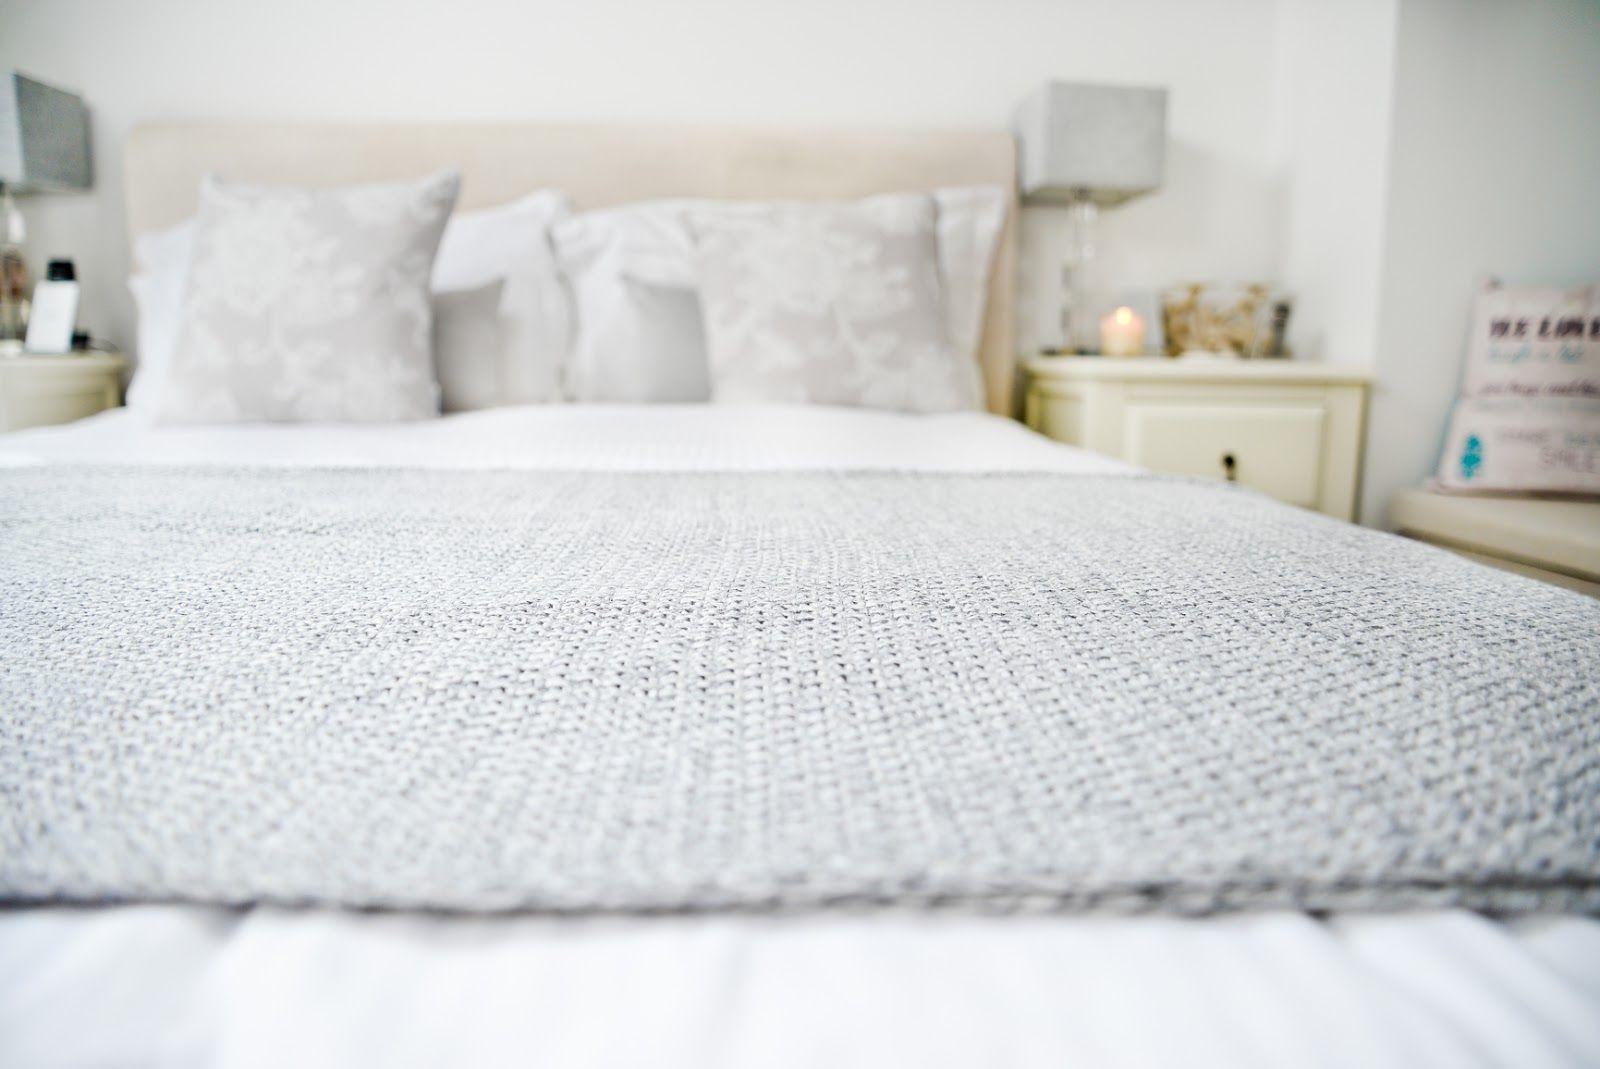 Mein Schlafzimmer Schmückt Ideen Für Eine Gute Nachtruhe #baby #baby Boy # Baby